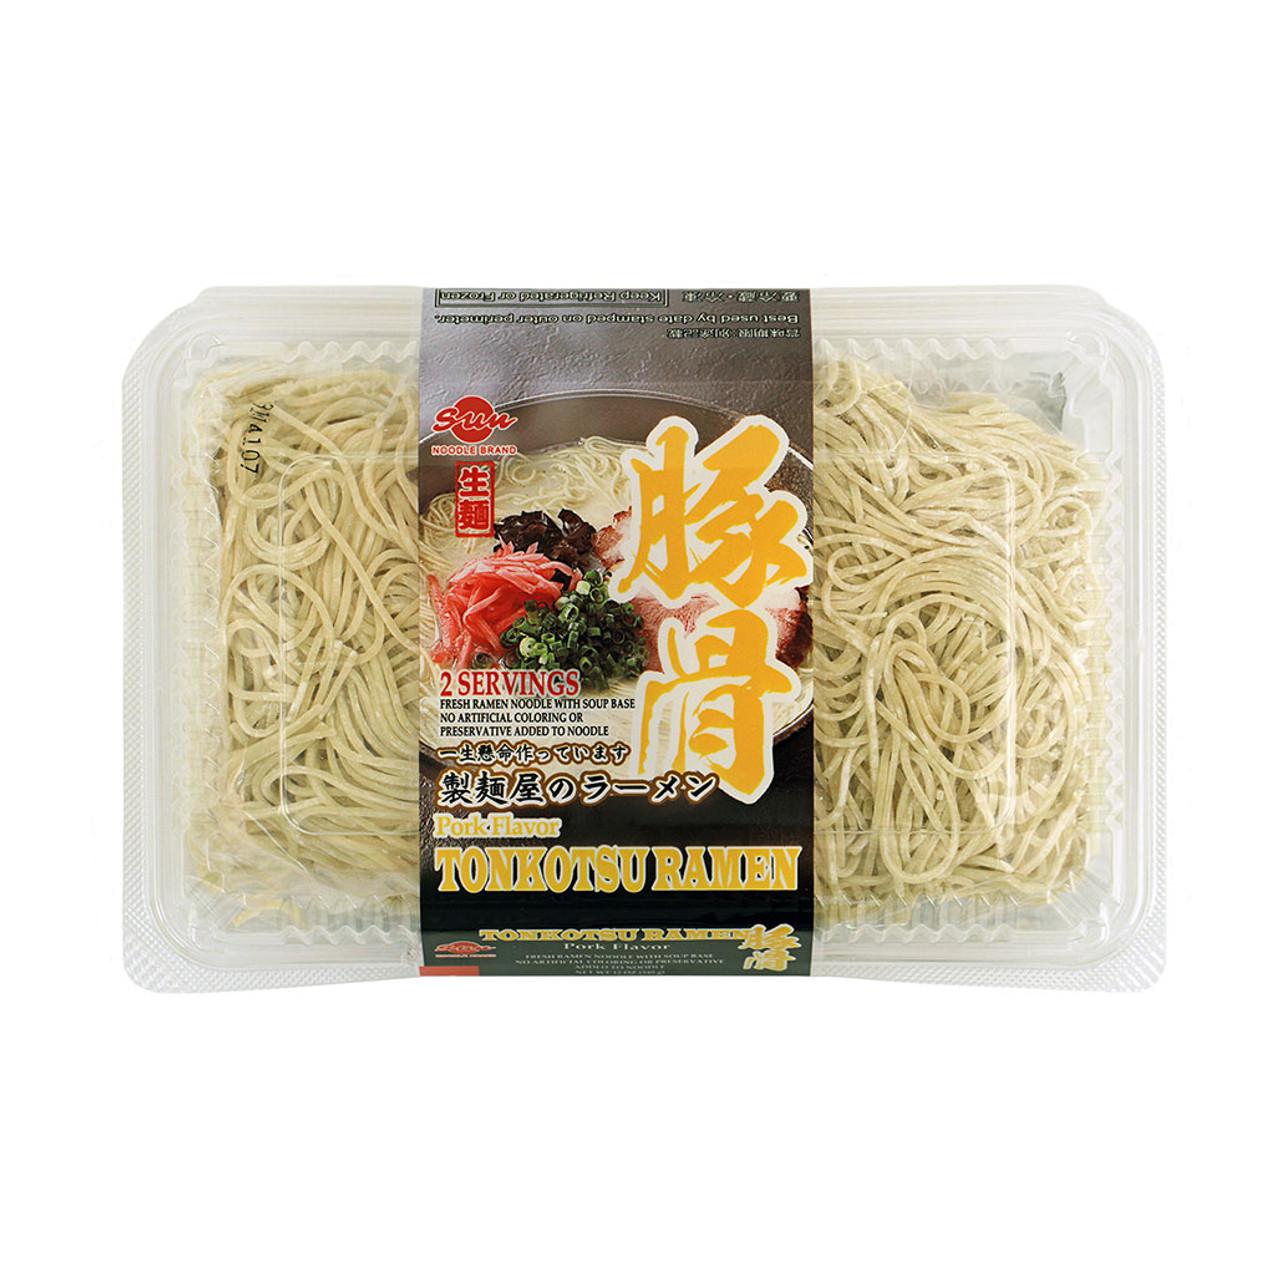 Sun Noodle Frozen Tonkotsu Ramen Noodle With Soup 2 Servings Mtc Kitchen